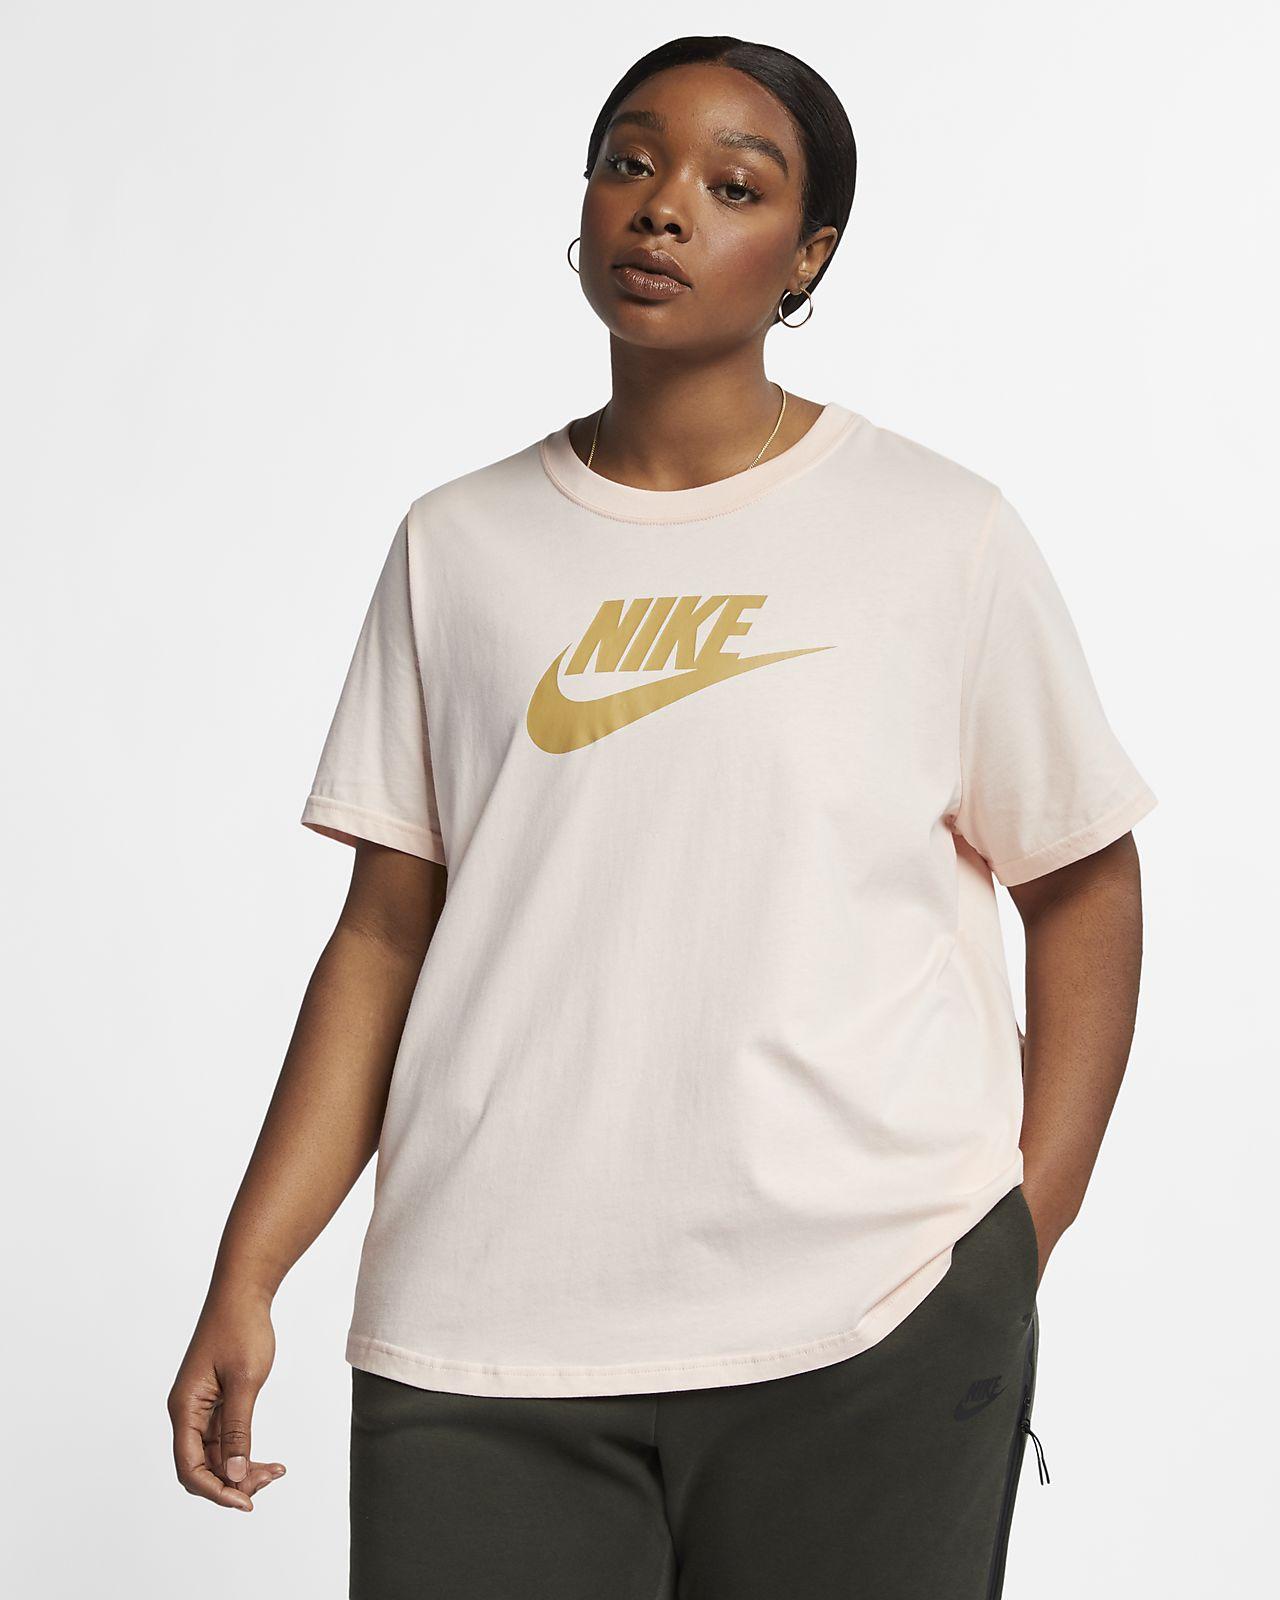 T-shirt Nike Sportswear Essential för kvinnor (stora storlekar)